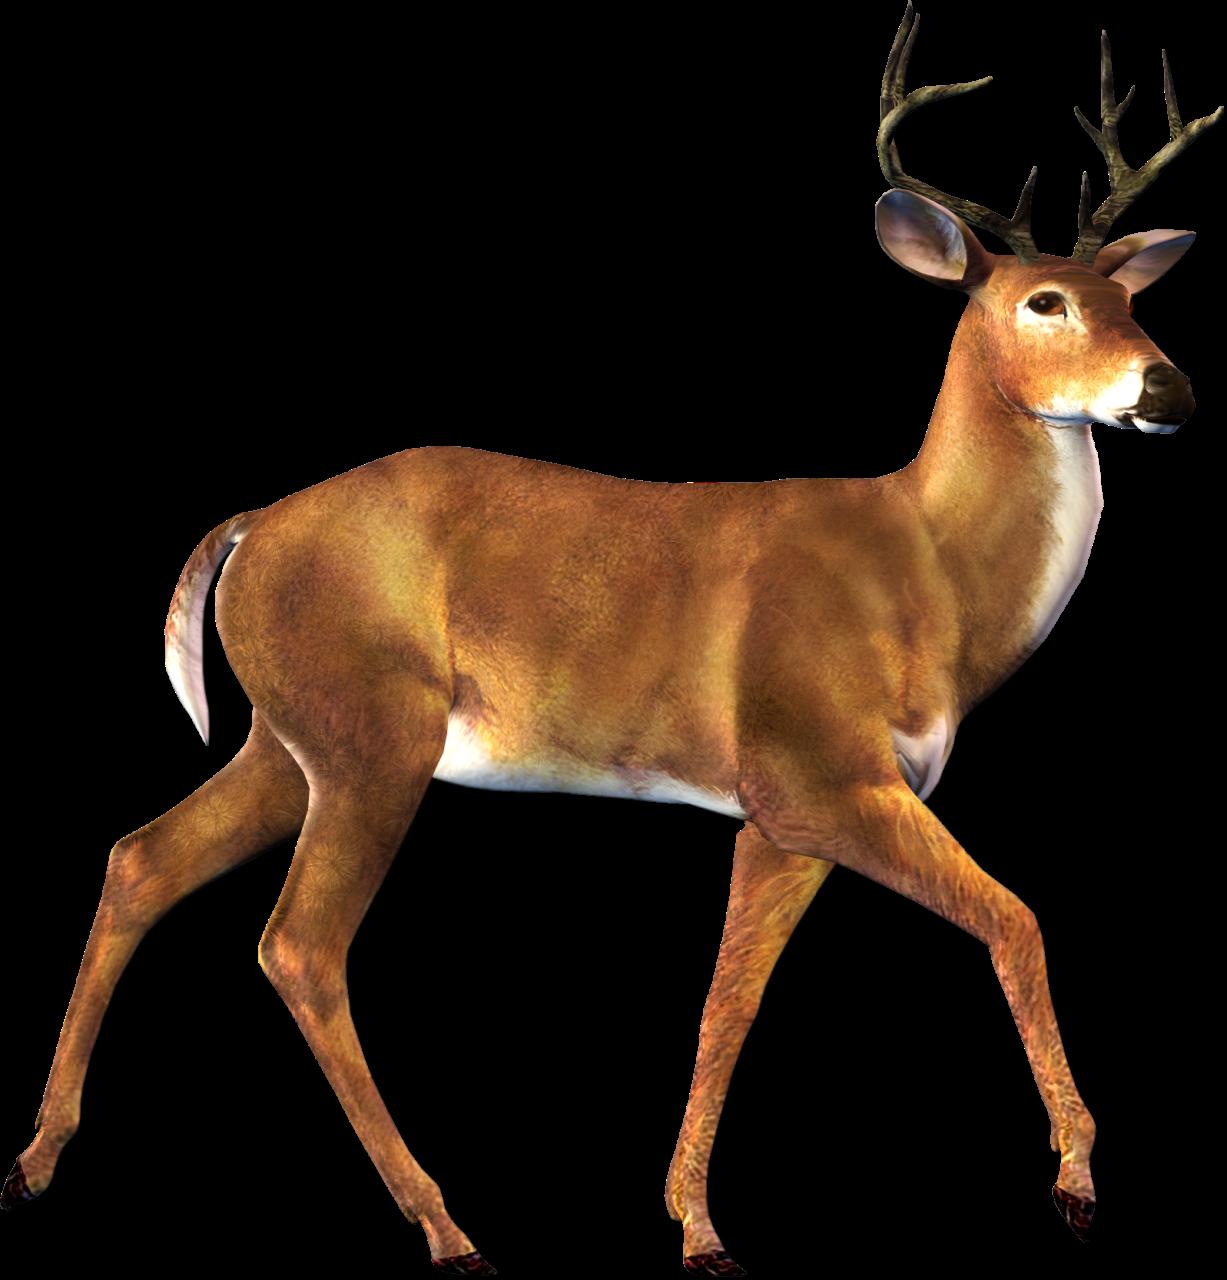 Deer PNG image - Deer PNG HD